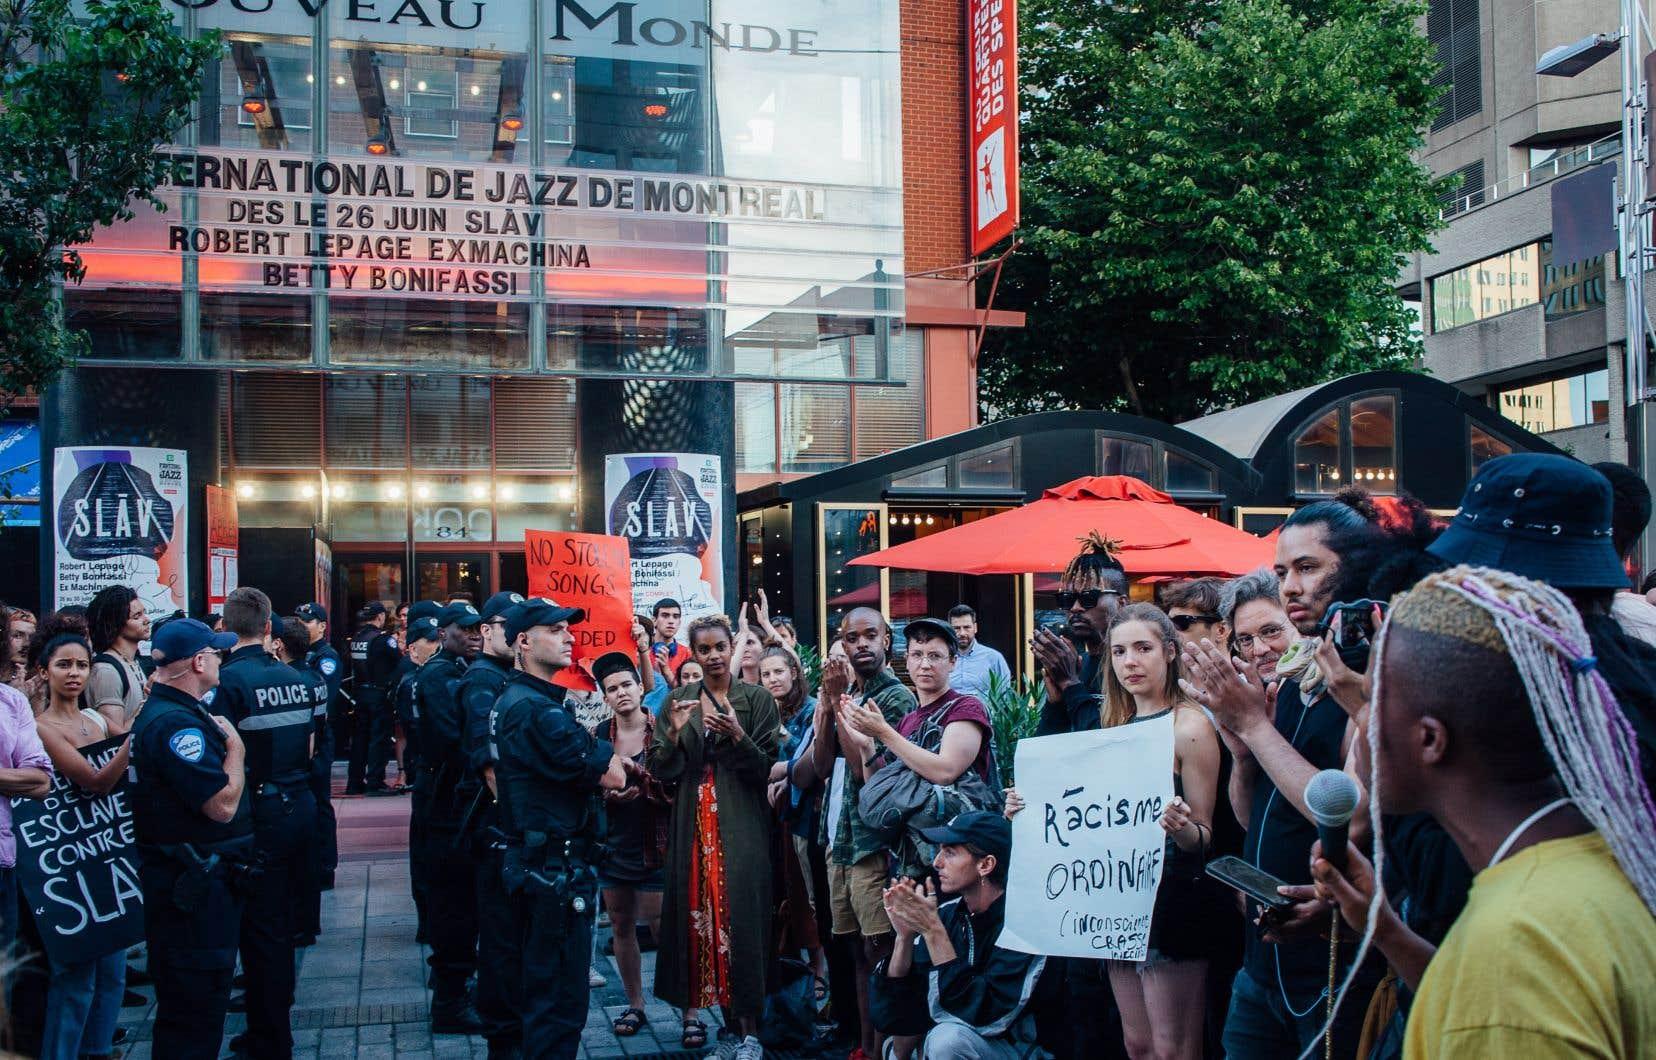 Quelques dizaines de manifestants étaient massés devant le théâtre du Nouveau Monde, lors de la première du spectacle «SLAV».